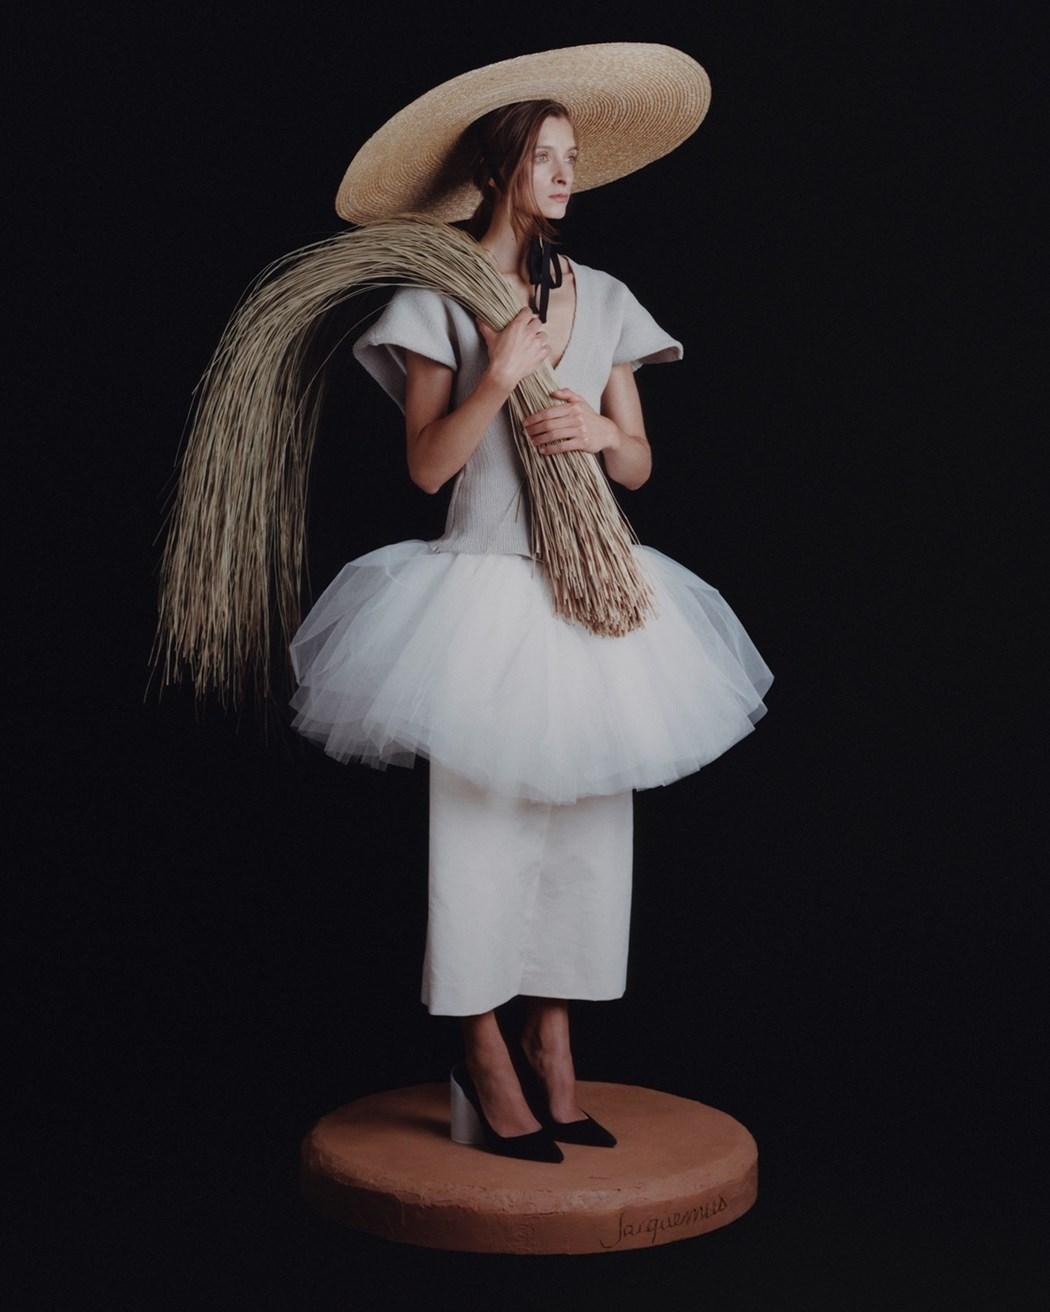 La Femme aux Fagots (The Woman with a Bundle of Sticks) Photography David Luraschi, artistic direction Simon Porte Jacquemus